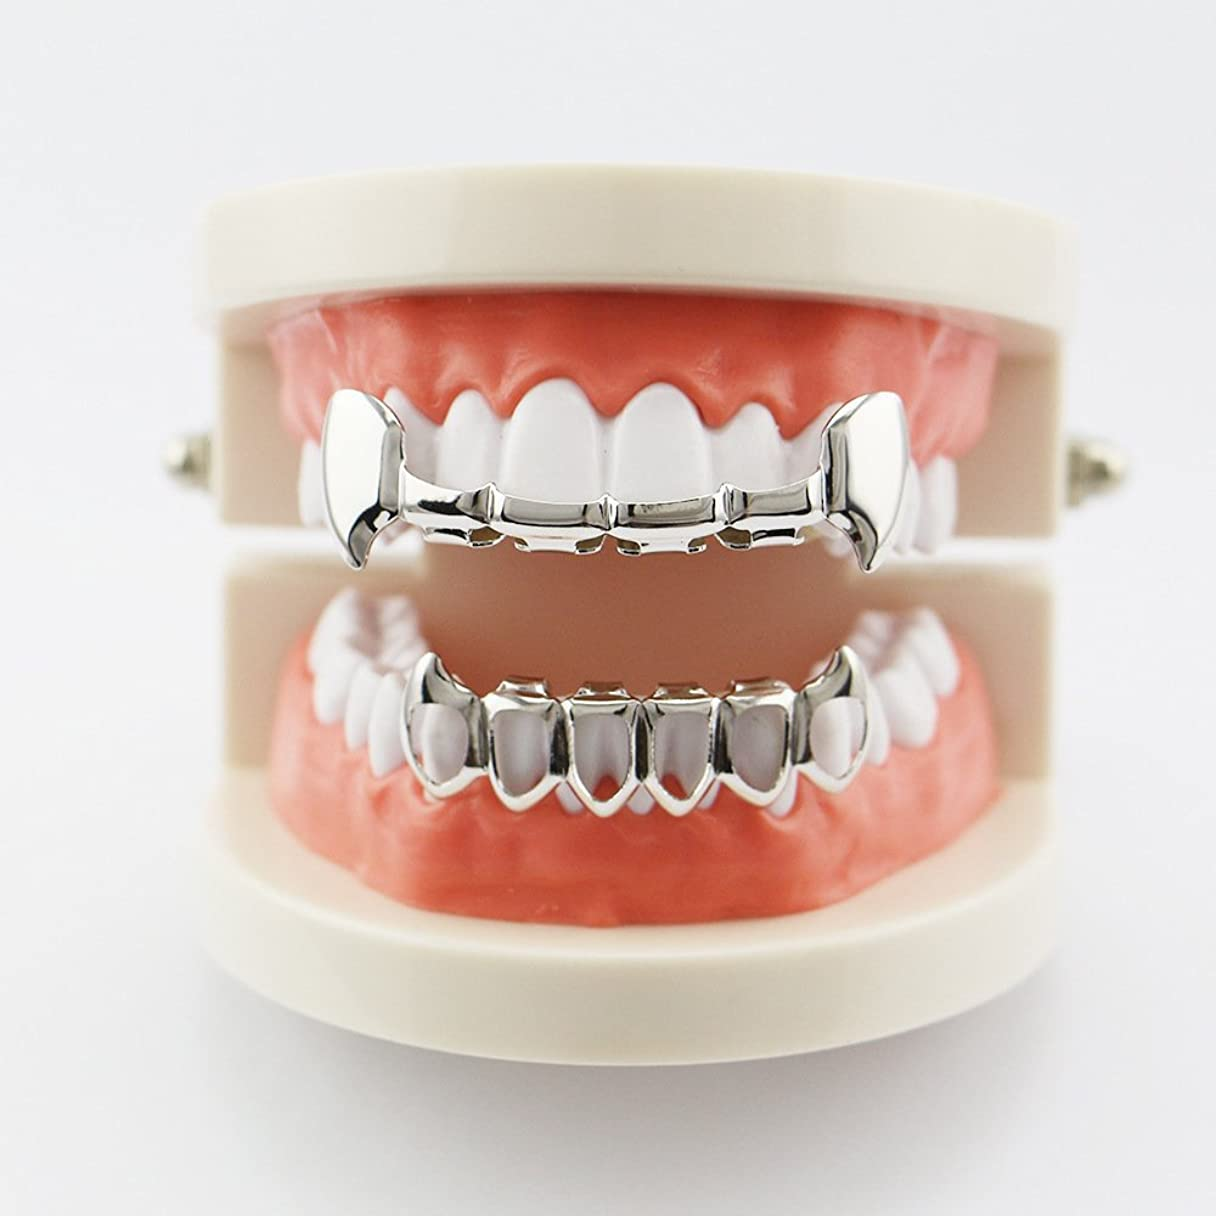 チョコレート口実遠い新しいヒップホップの歯の装飾ストリートラッパー金の歯Grillzユニークなバーベキュー歯チャーム笑顔ファンパーフェクトアクセサリーハロウィンギフトユニセックス,silver